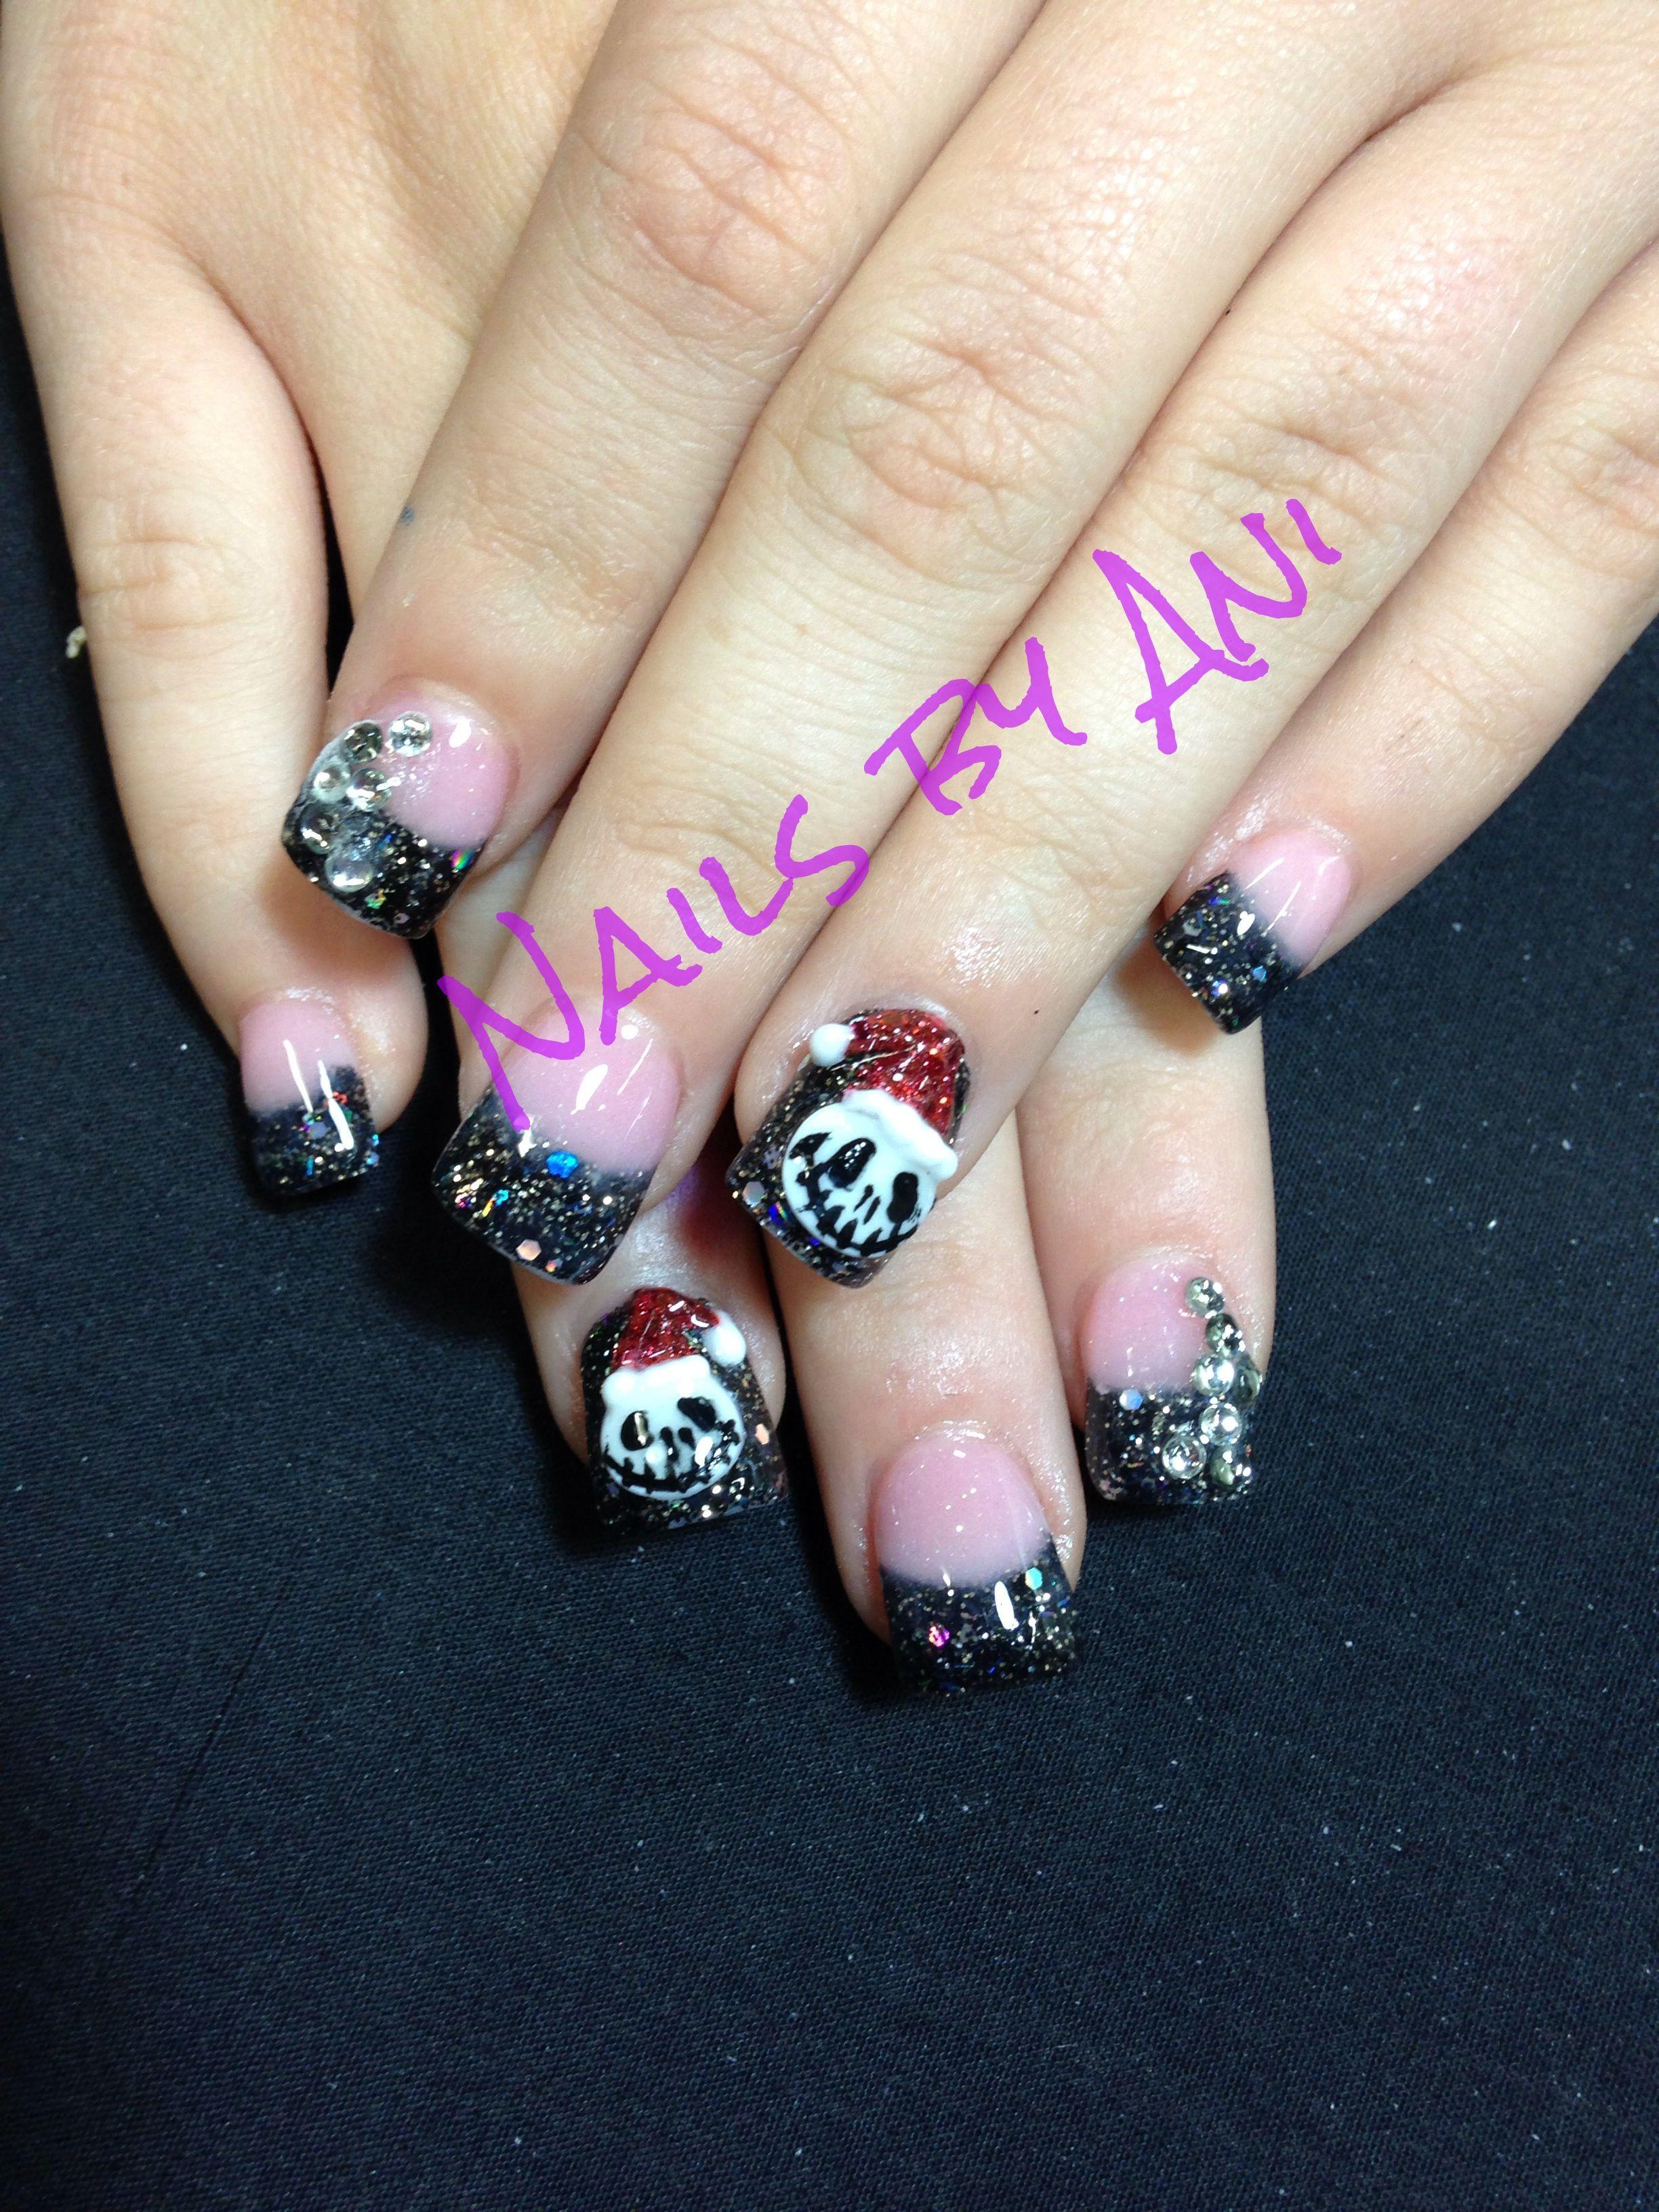 3d jack skellington nails | Acrylic nail designs | Pinterest | Jack ...